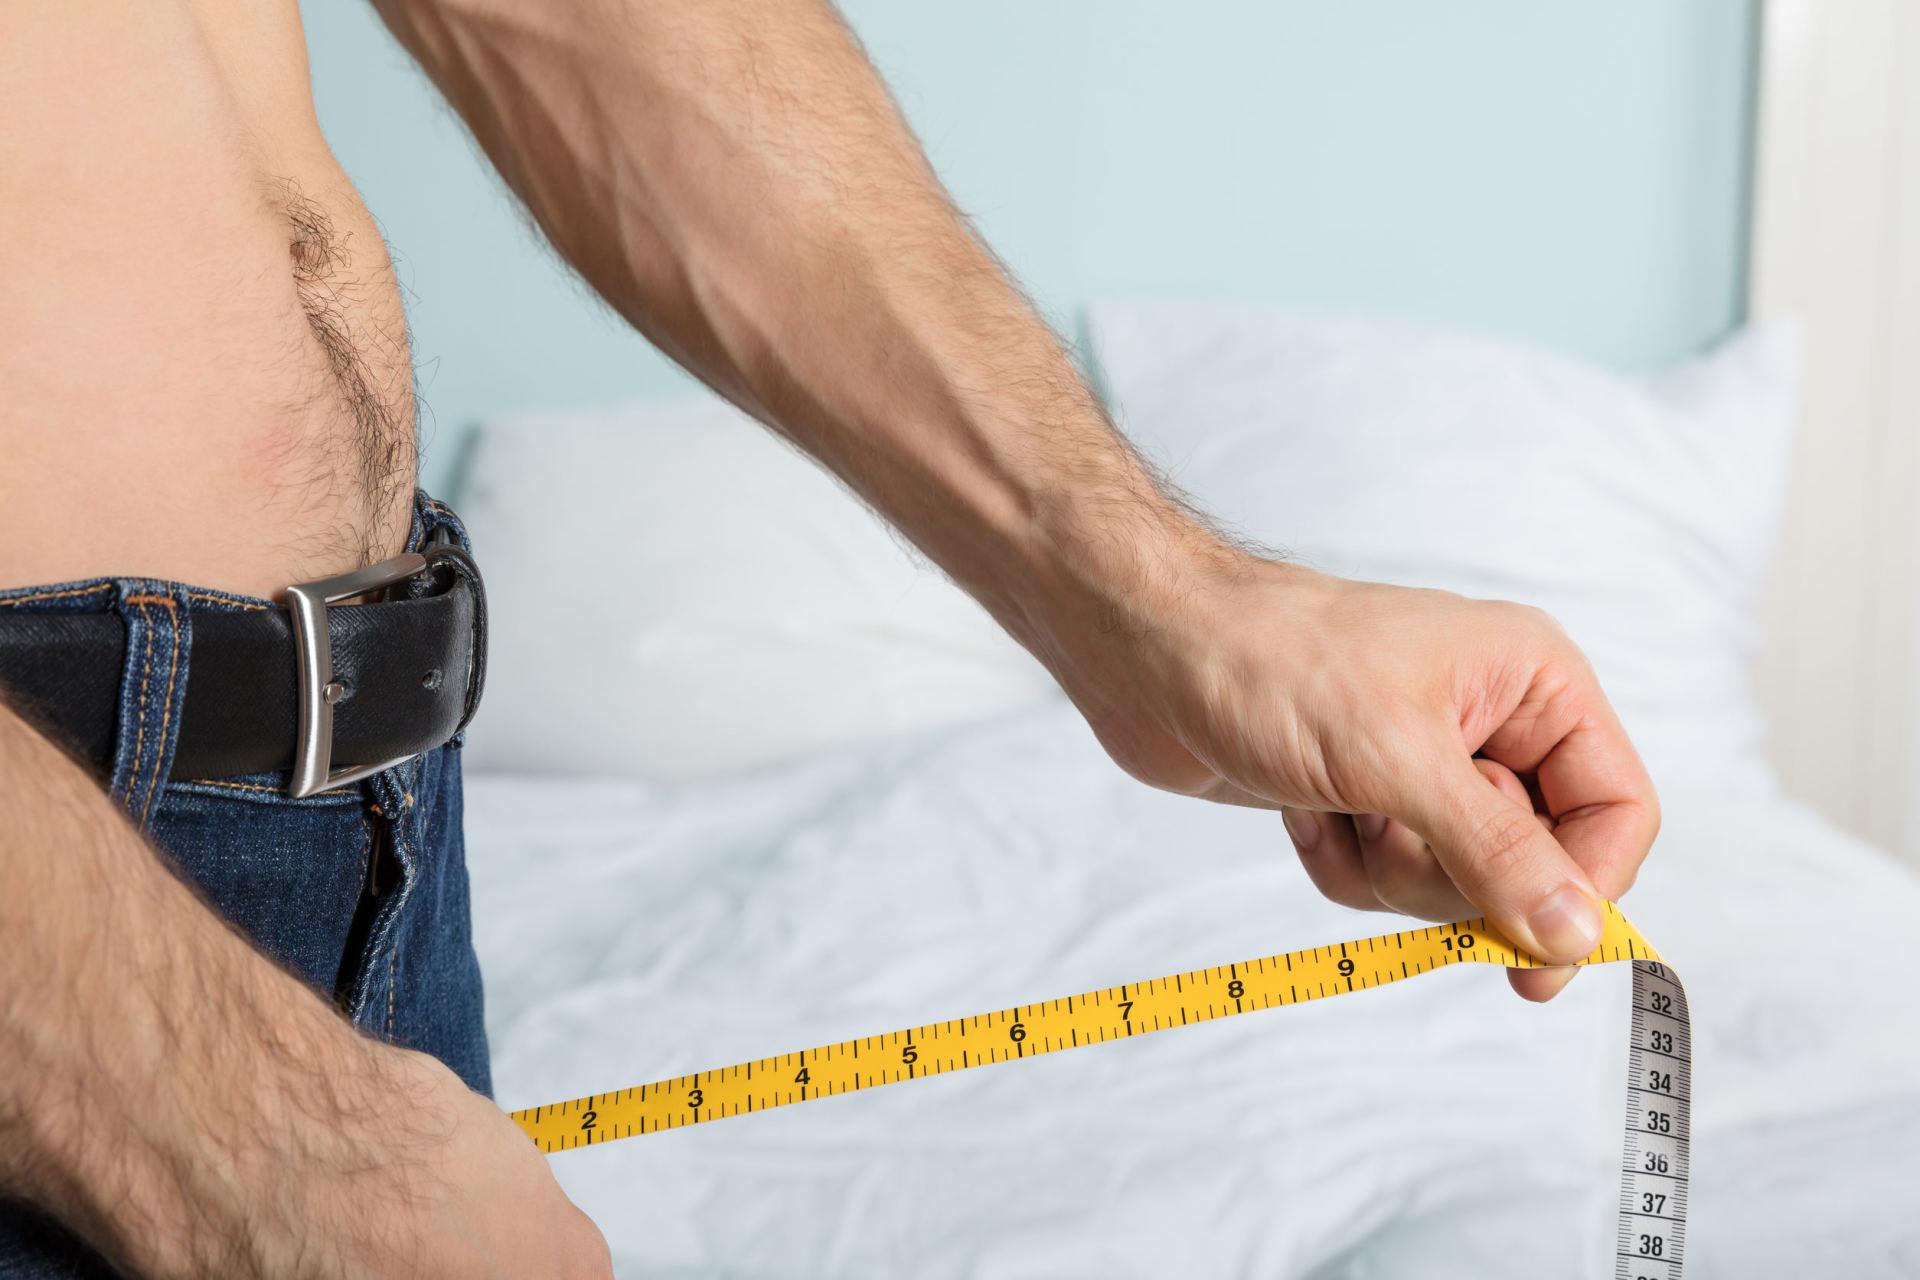 visu dydziu varpos nuotrauka padidinkite vyru lytinio organo dydi